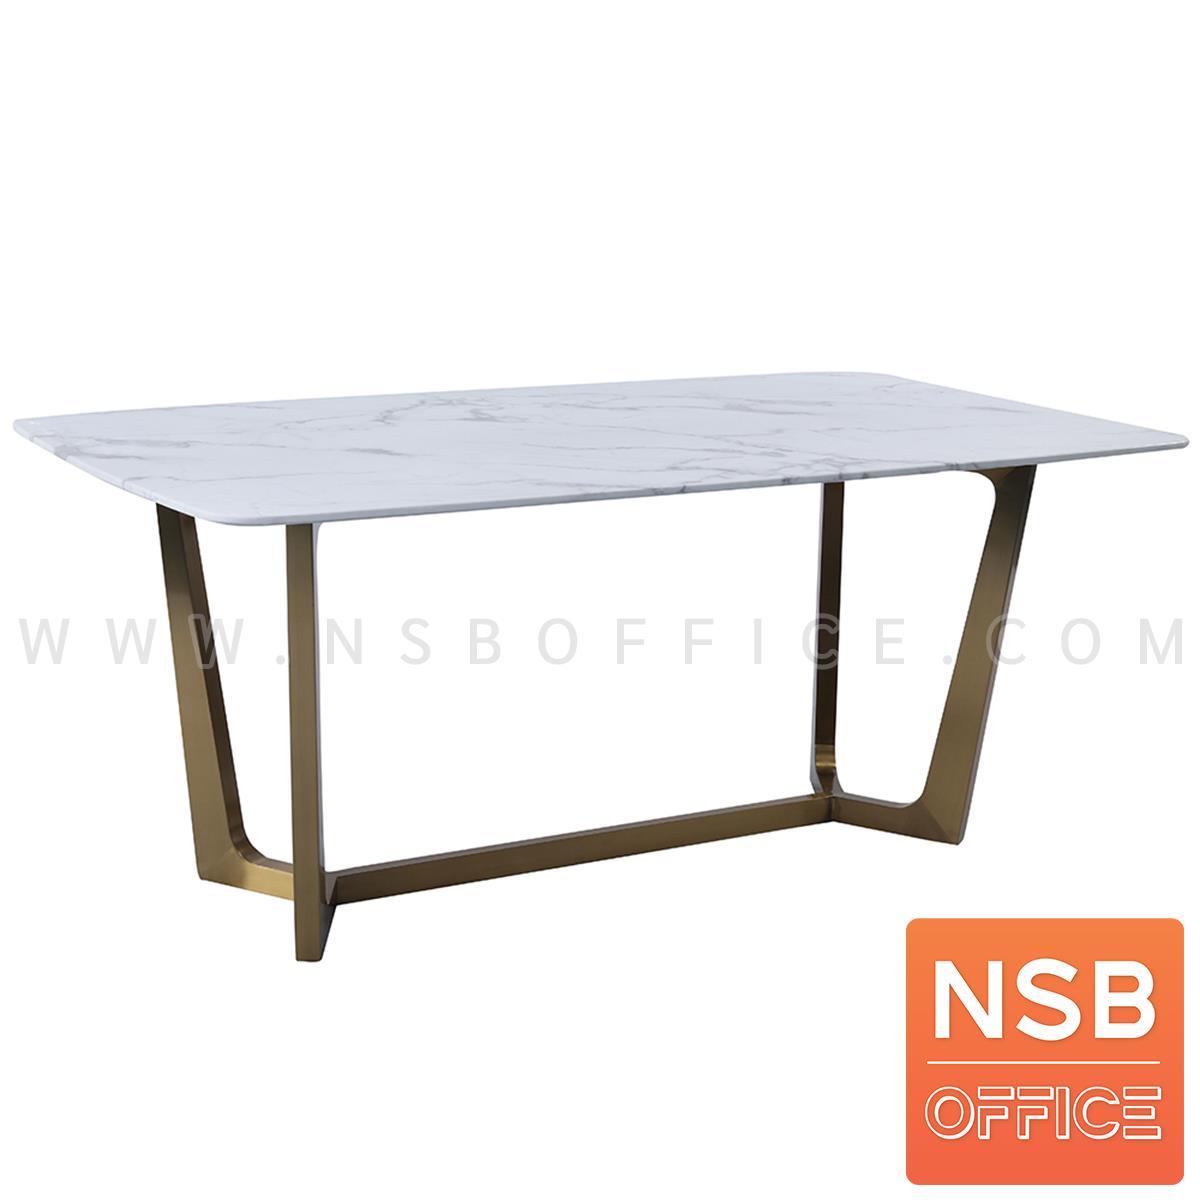 G14A240:โต๊ะรับประทานอาหารหน้าหินอ่อน  รุ่น Dejavu (เดจาวู) ขนาด 180W*90D cm. ขาสแตนเลสสีทอง